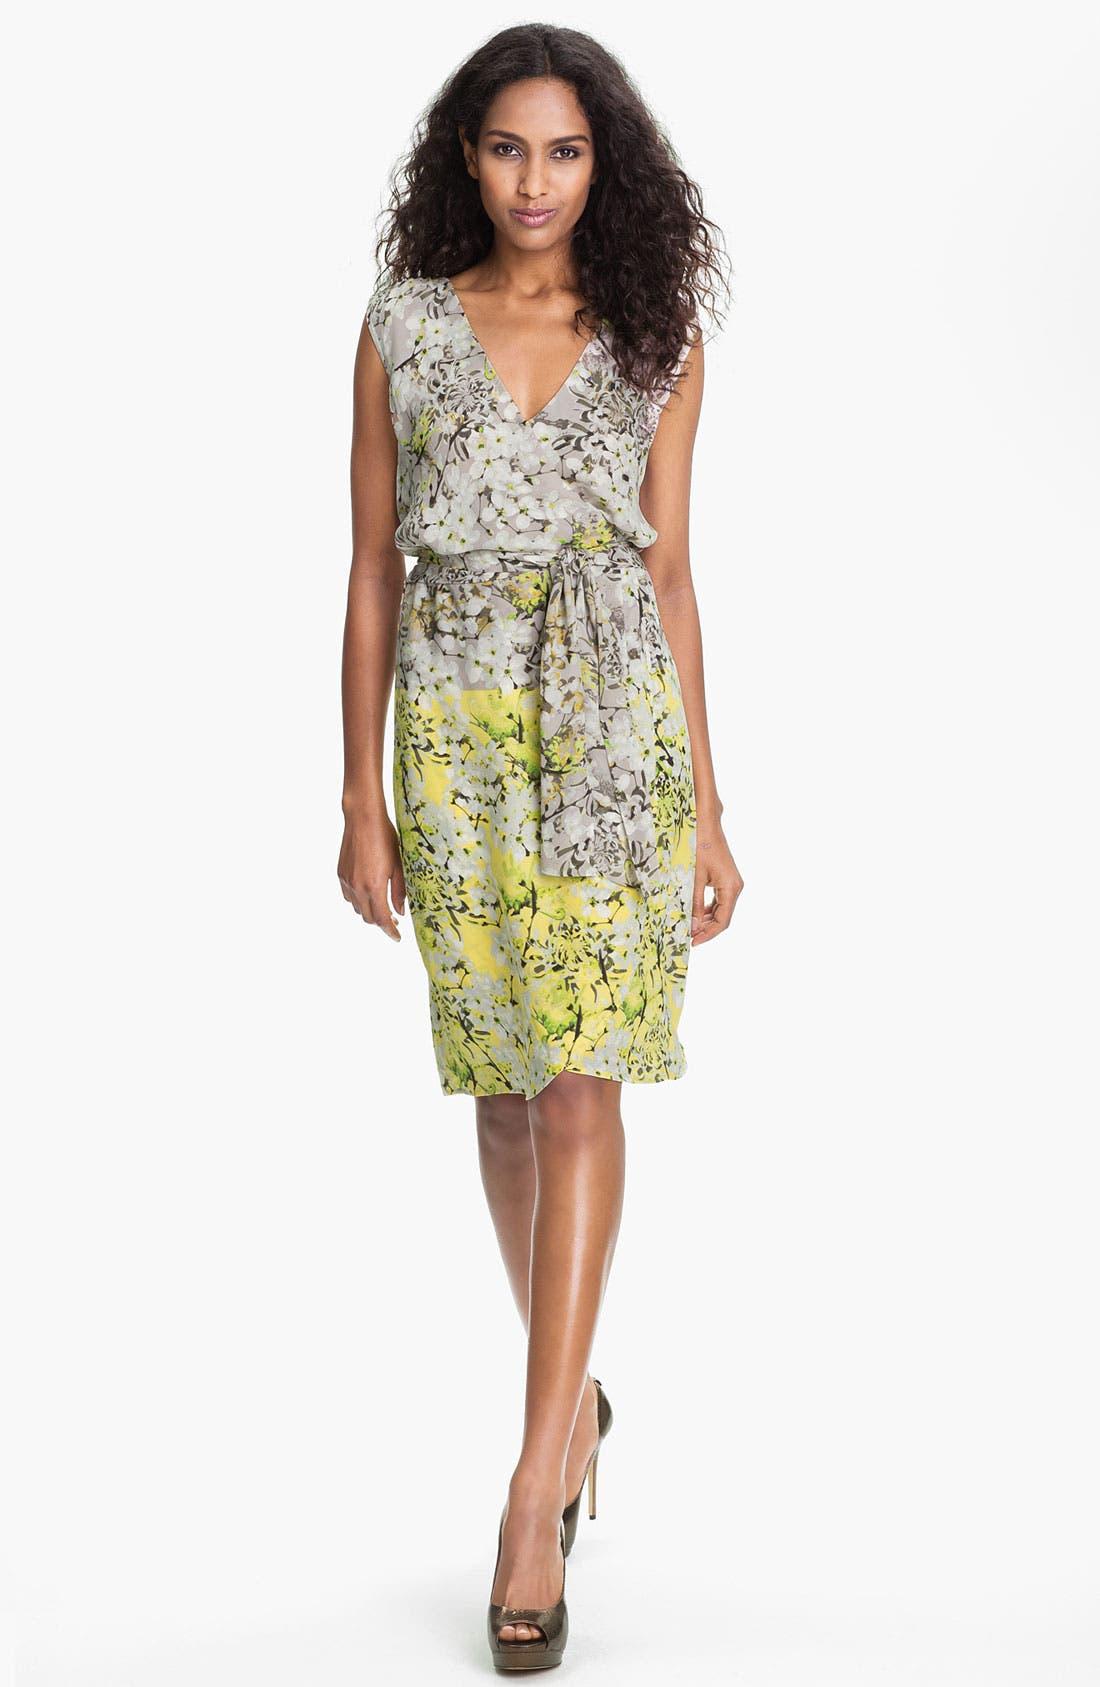 Main Image - Nic + Zoe 'Petals a Plenty' Dress